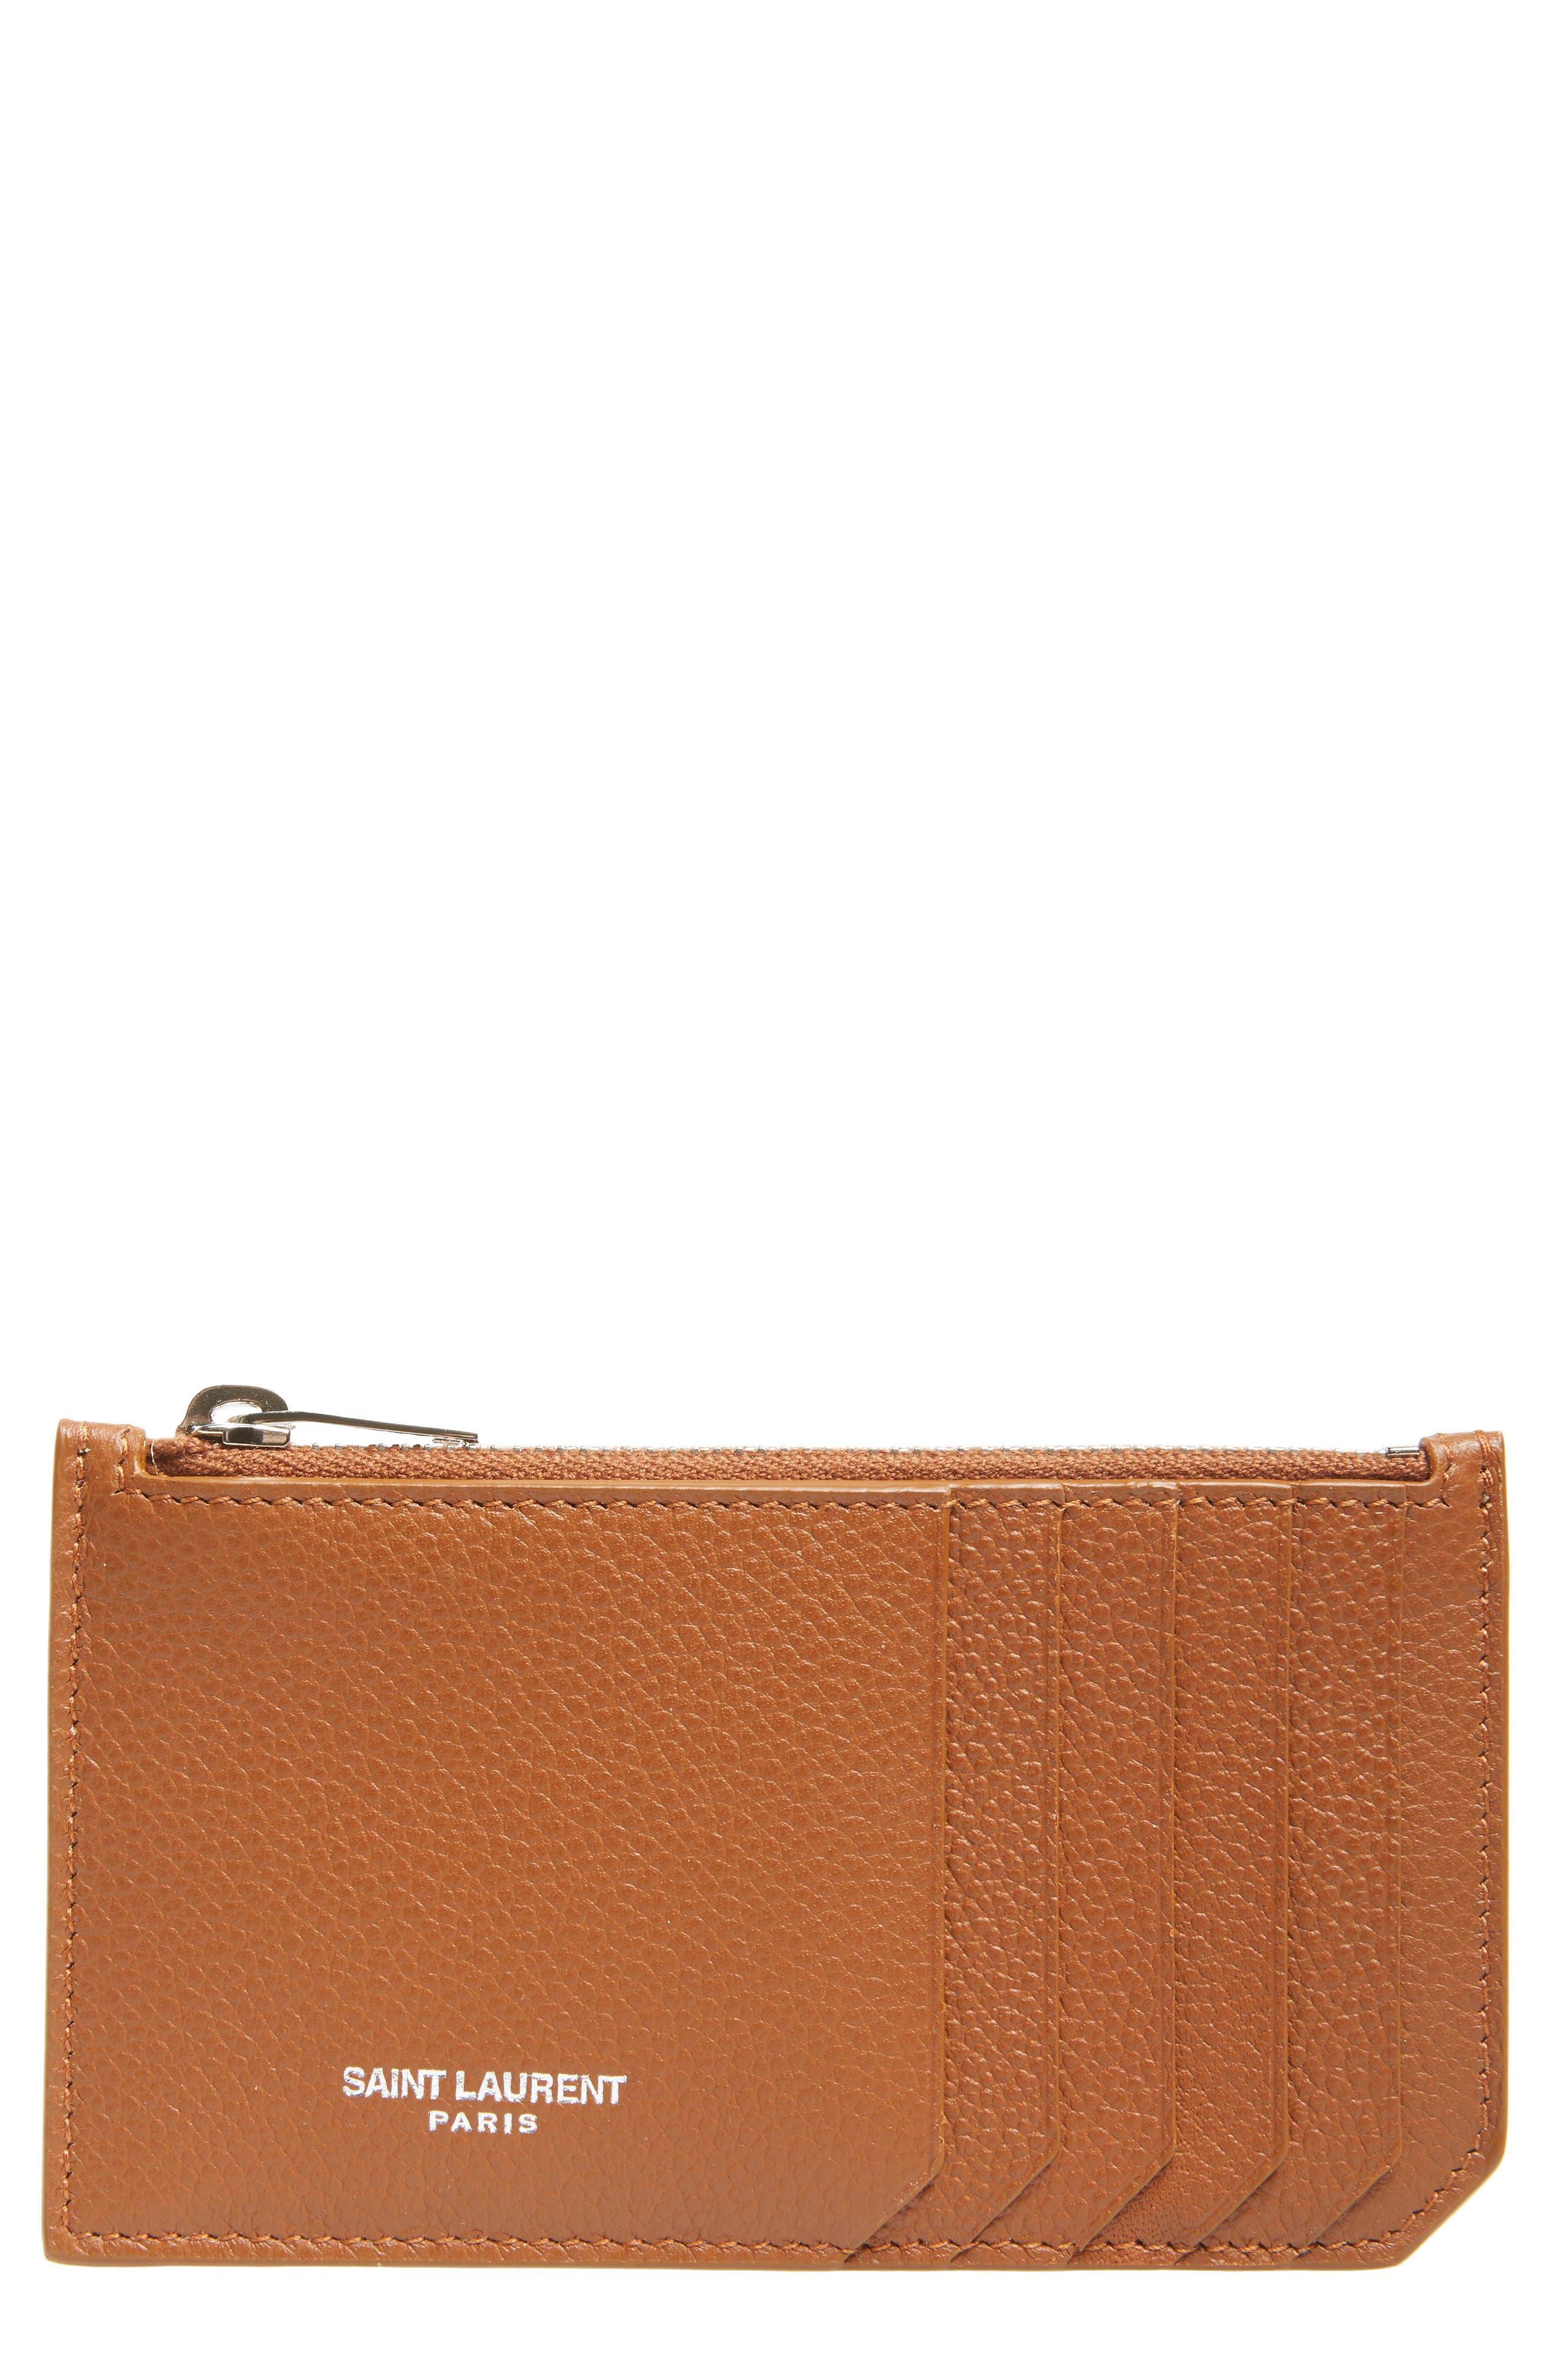 Leather Zip Wallet,                         Main,                         color, FAUVE